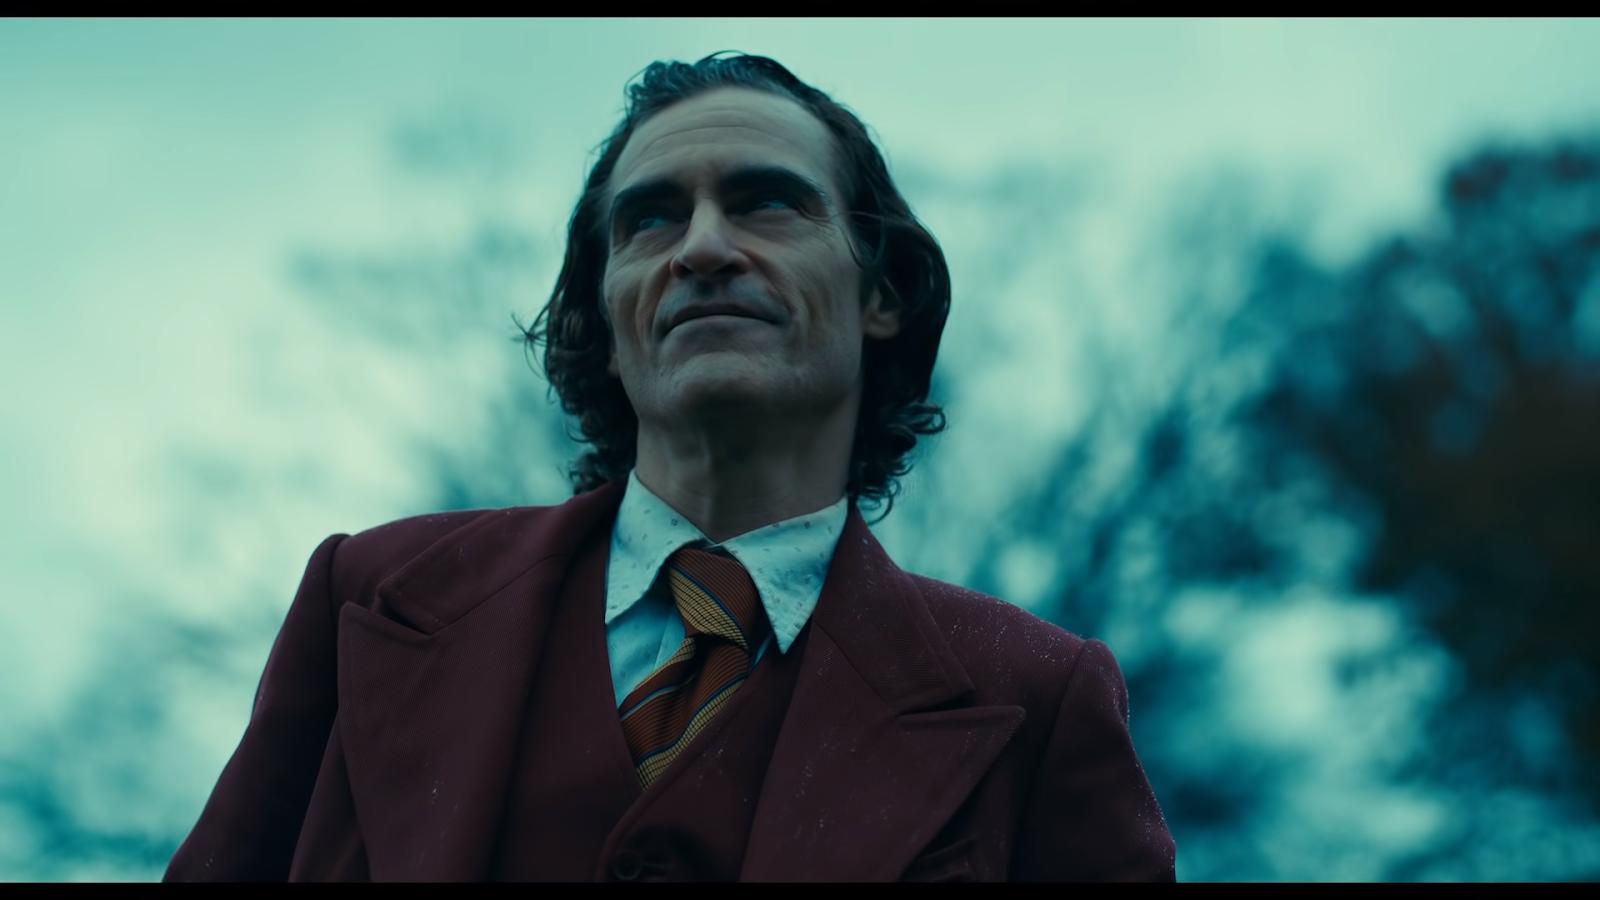 Joker 2019 Review Dan Analisis Heavy Spoiler Tawa Ditengah Kemuraman Hidup Much Epic Review Stuff Lore And Mindblown Information